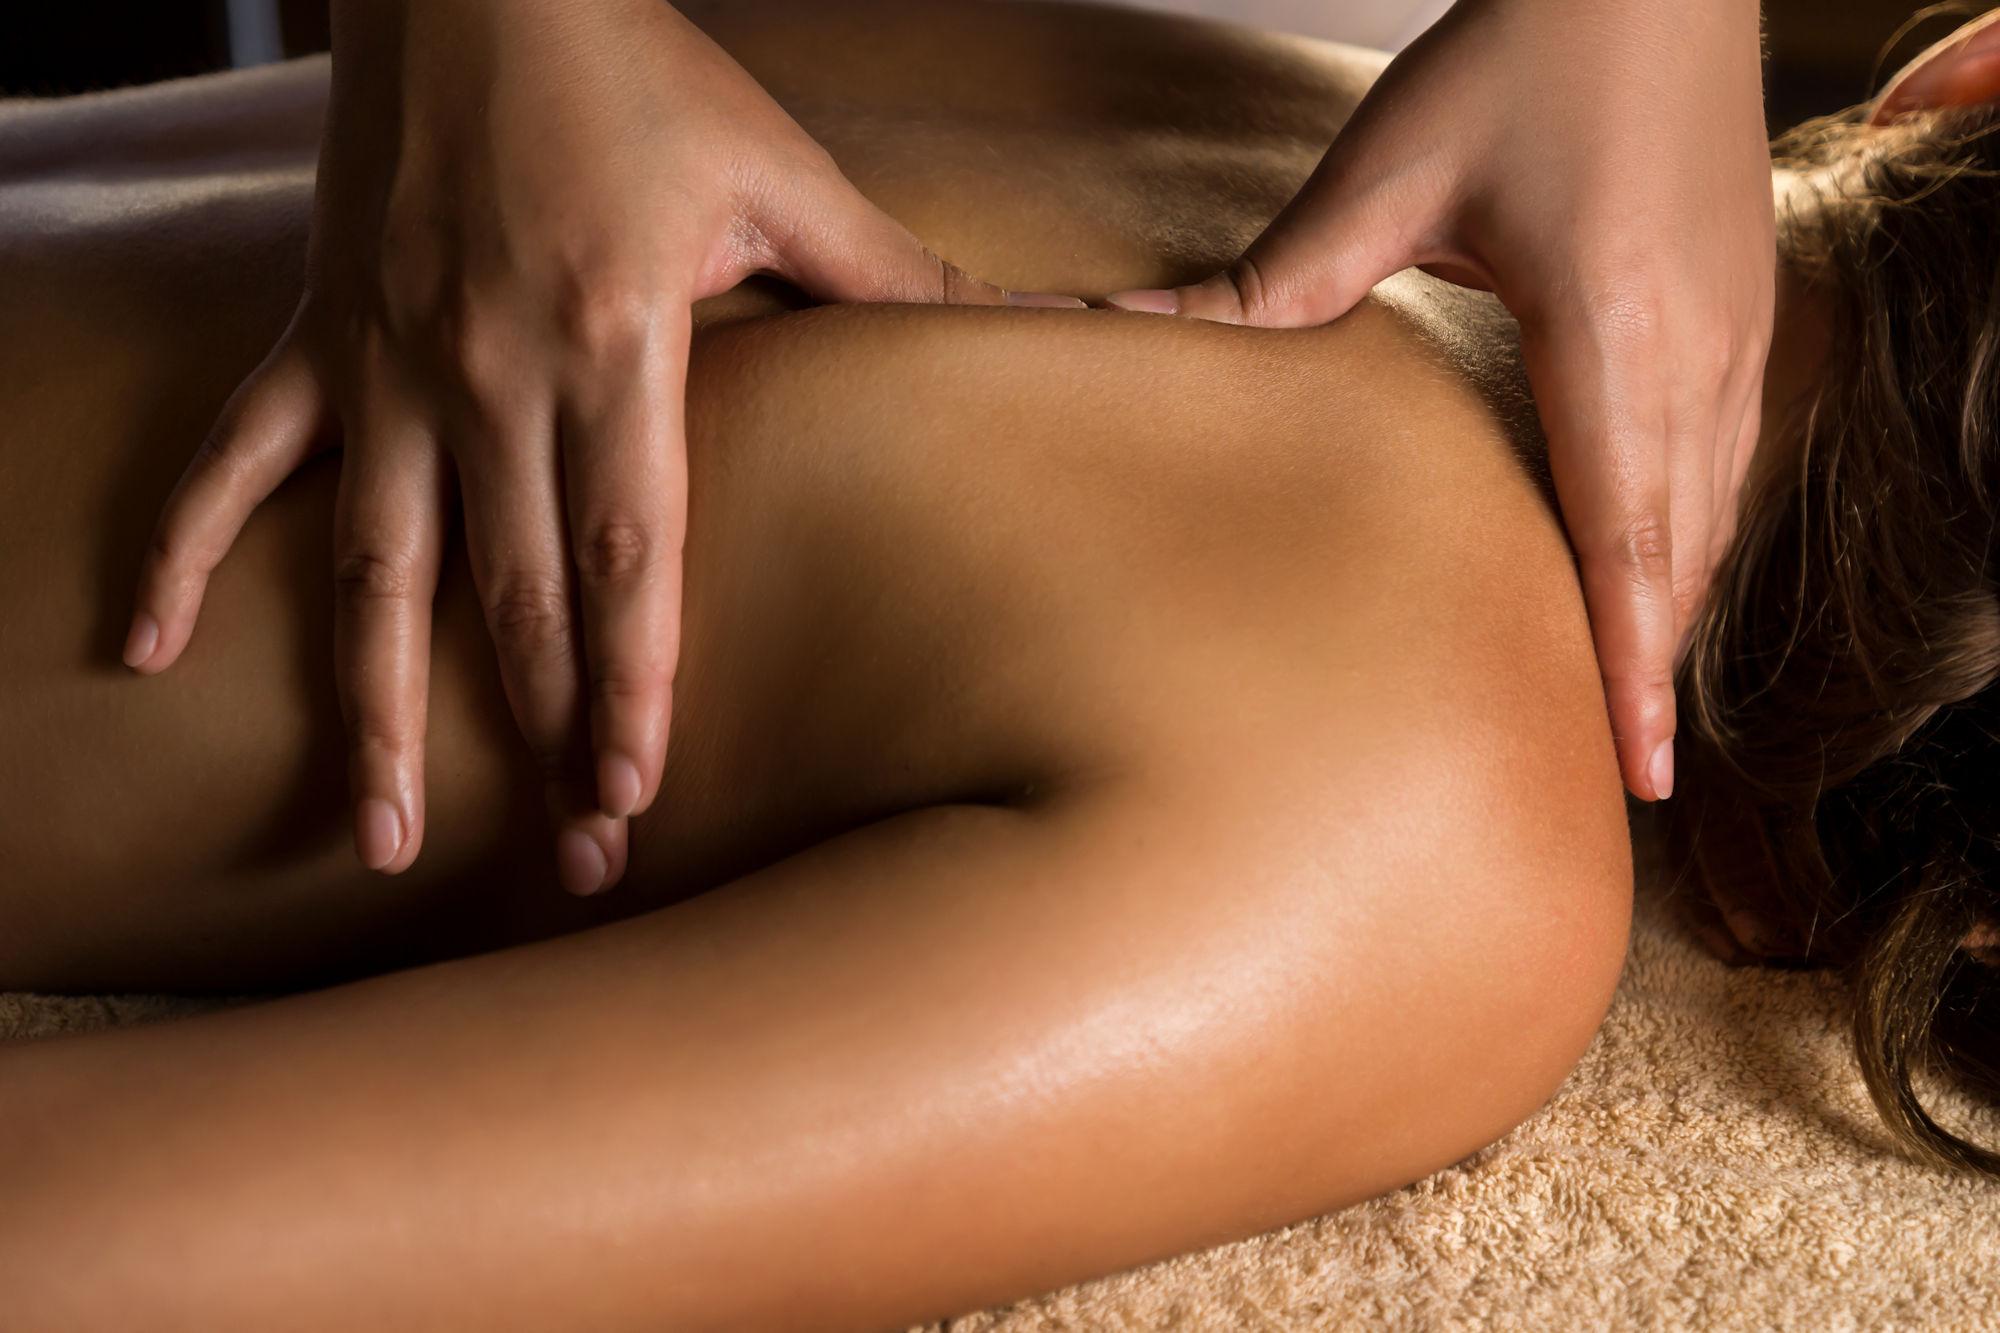 Фото траха массаж, экстремальный секс в спб